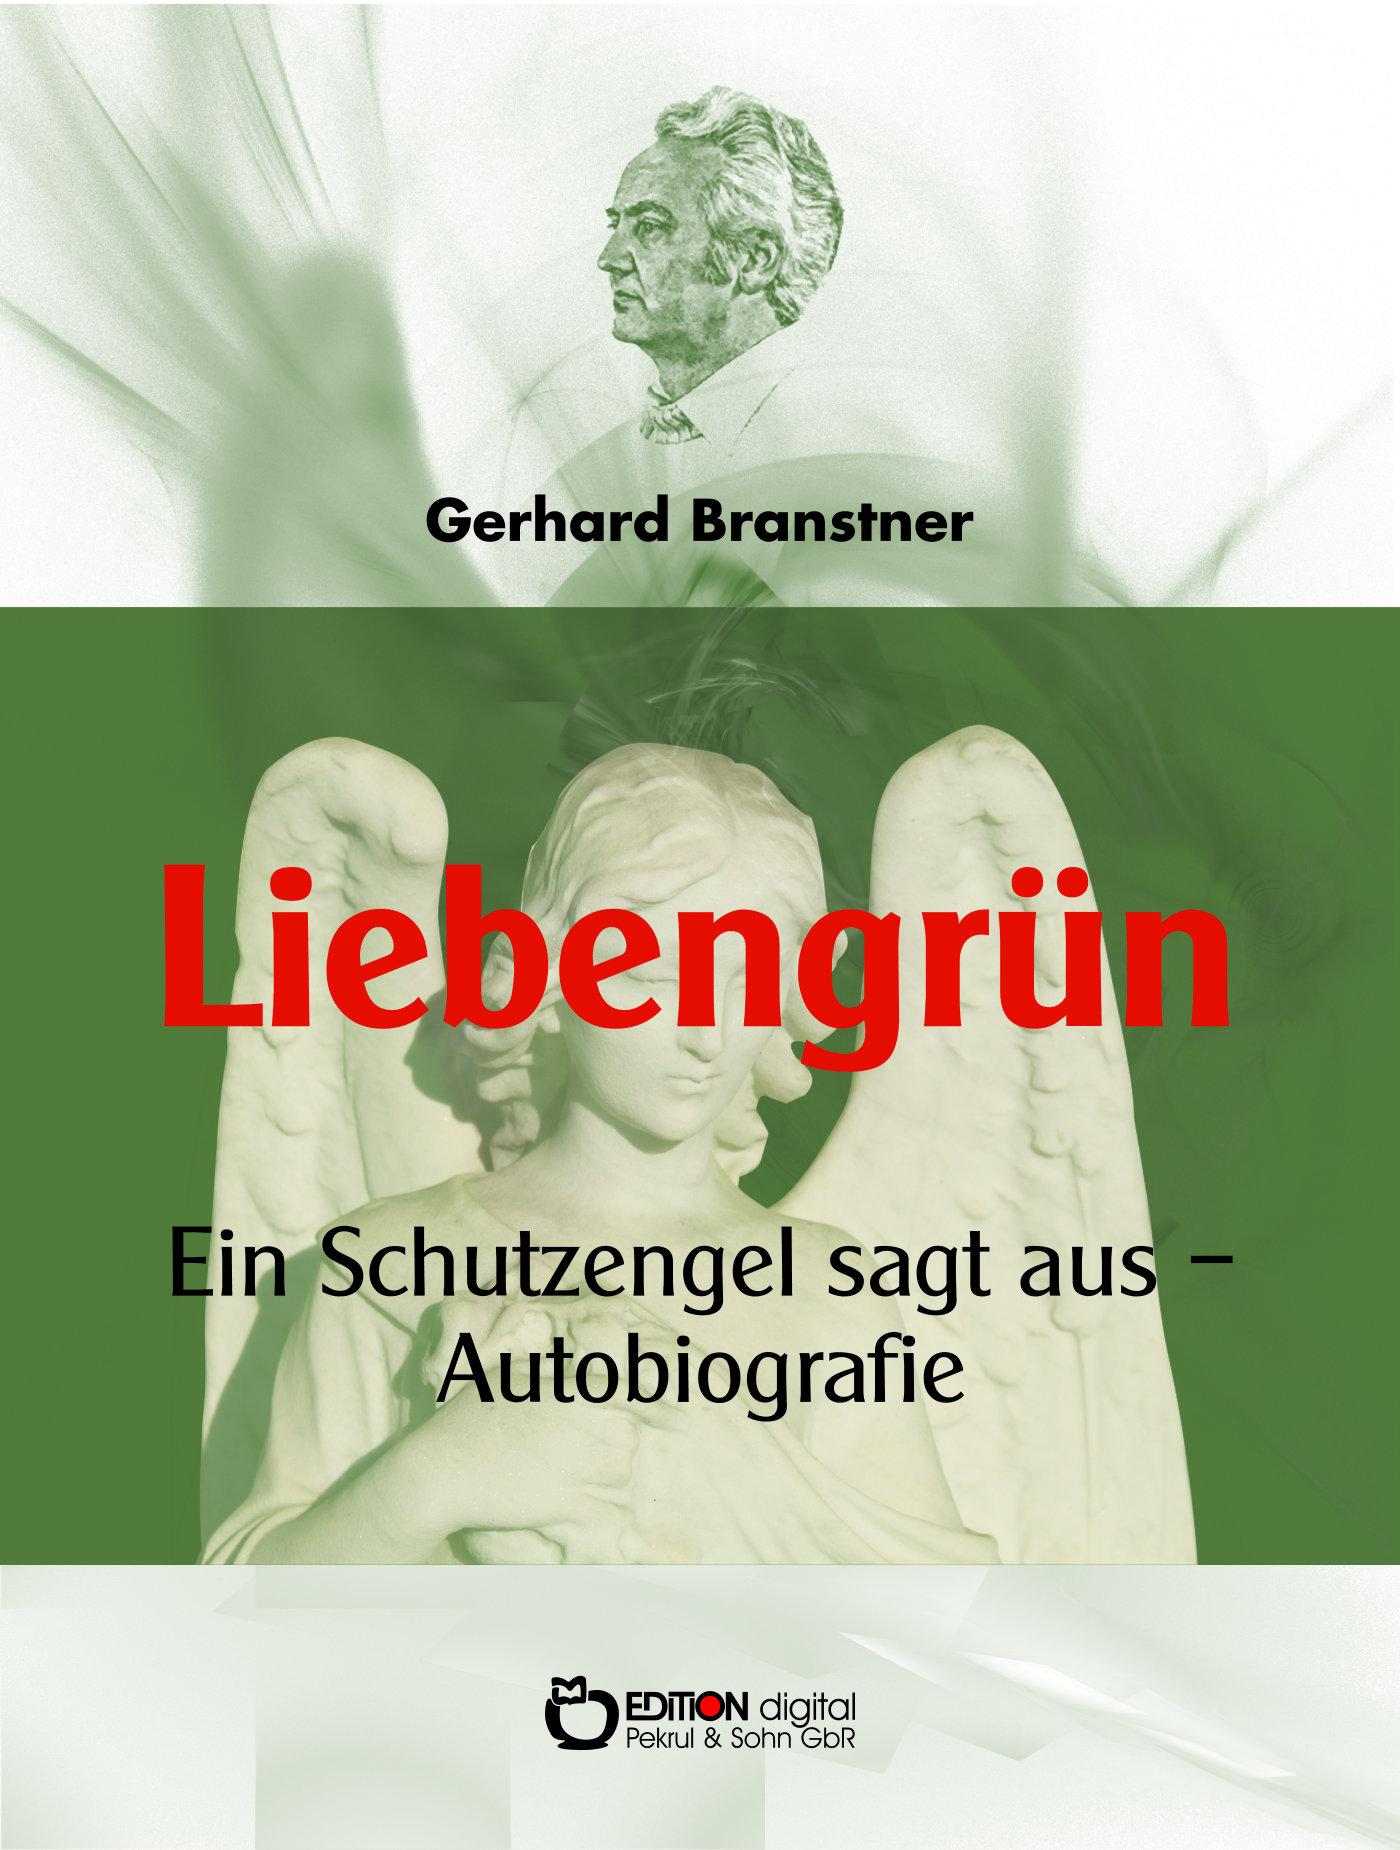 Liebengrün. Ein Schutzengel sagt aus - Autobiografie von Gerhard Branstner